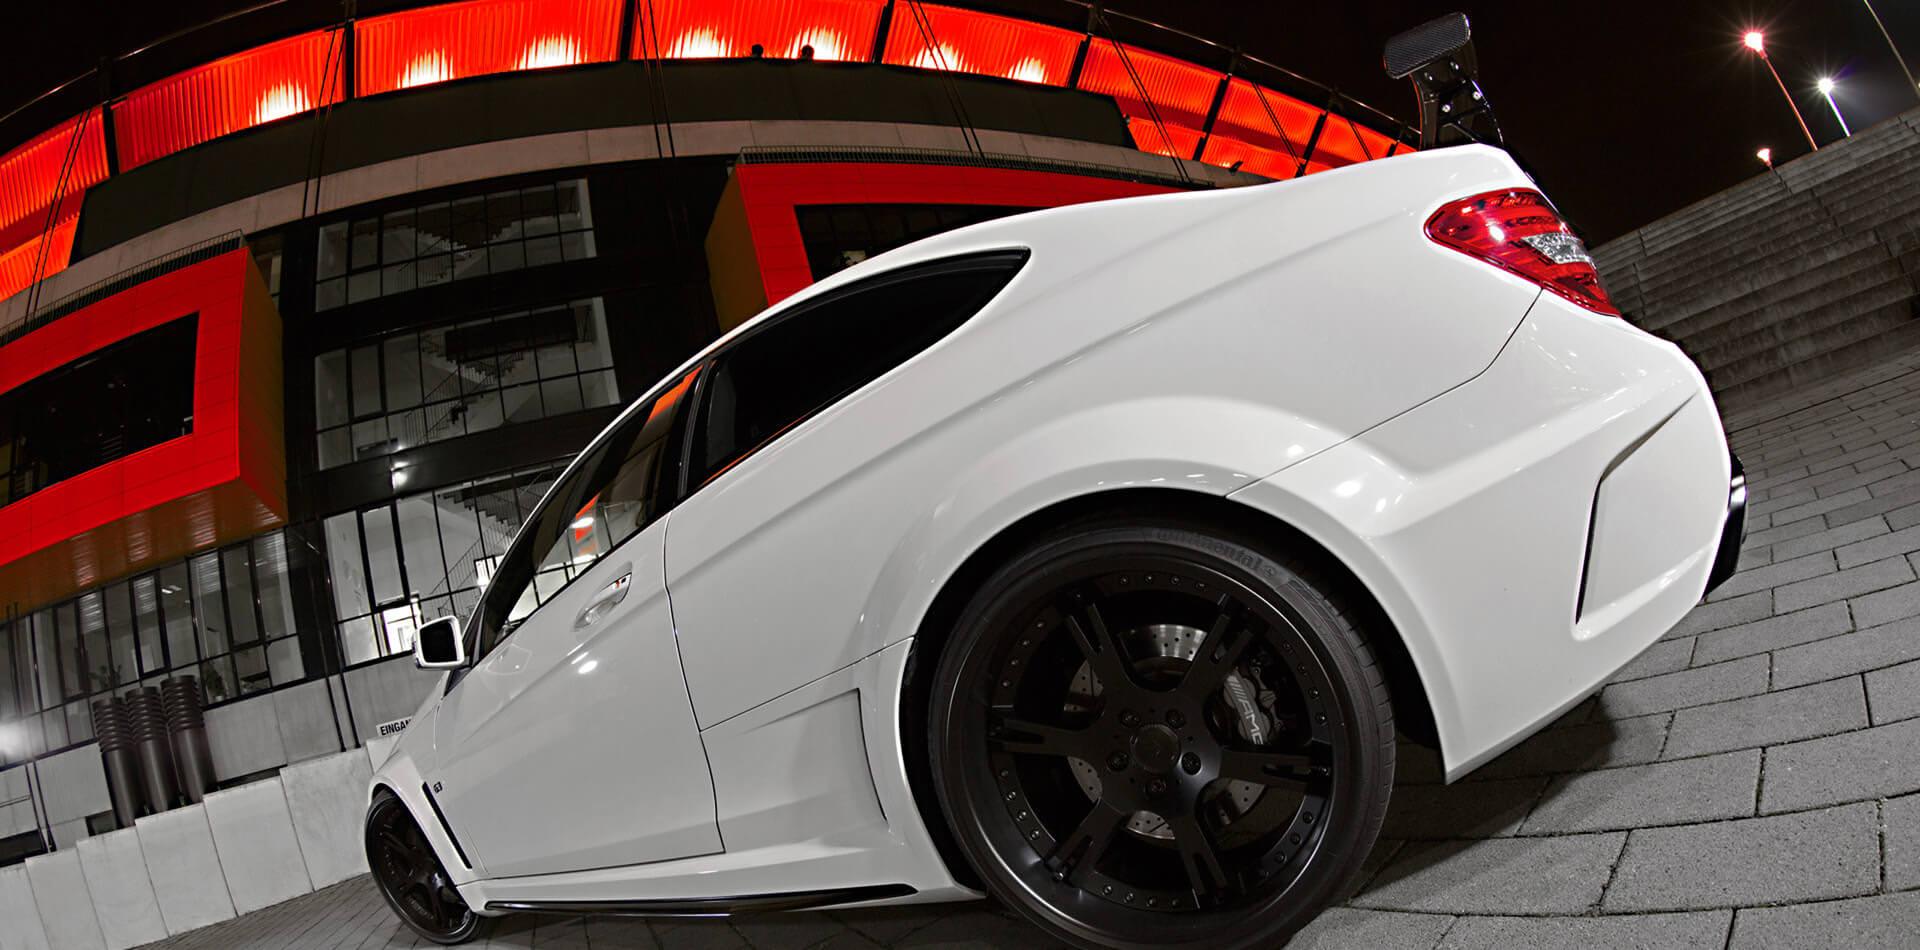 Mercedes C63 AMG black Series mit 20 Zoll Schmiedeflegen und KW Gewindefahrwerk